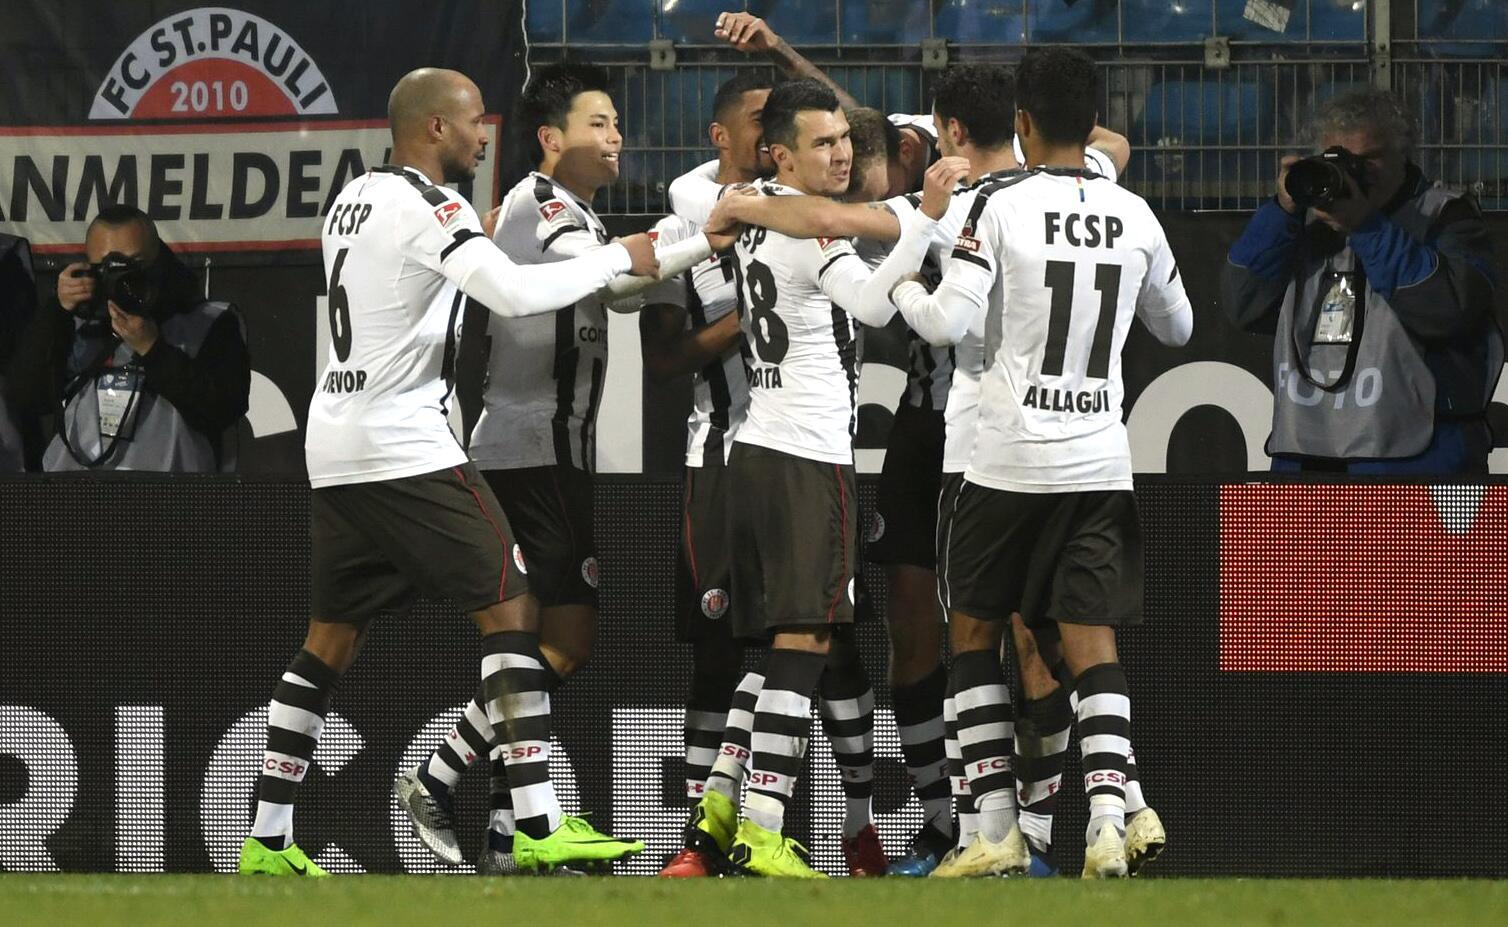 Bild zu VfL Bochum - FC St. Pauli